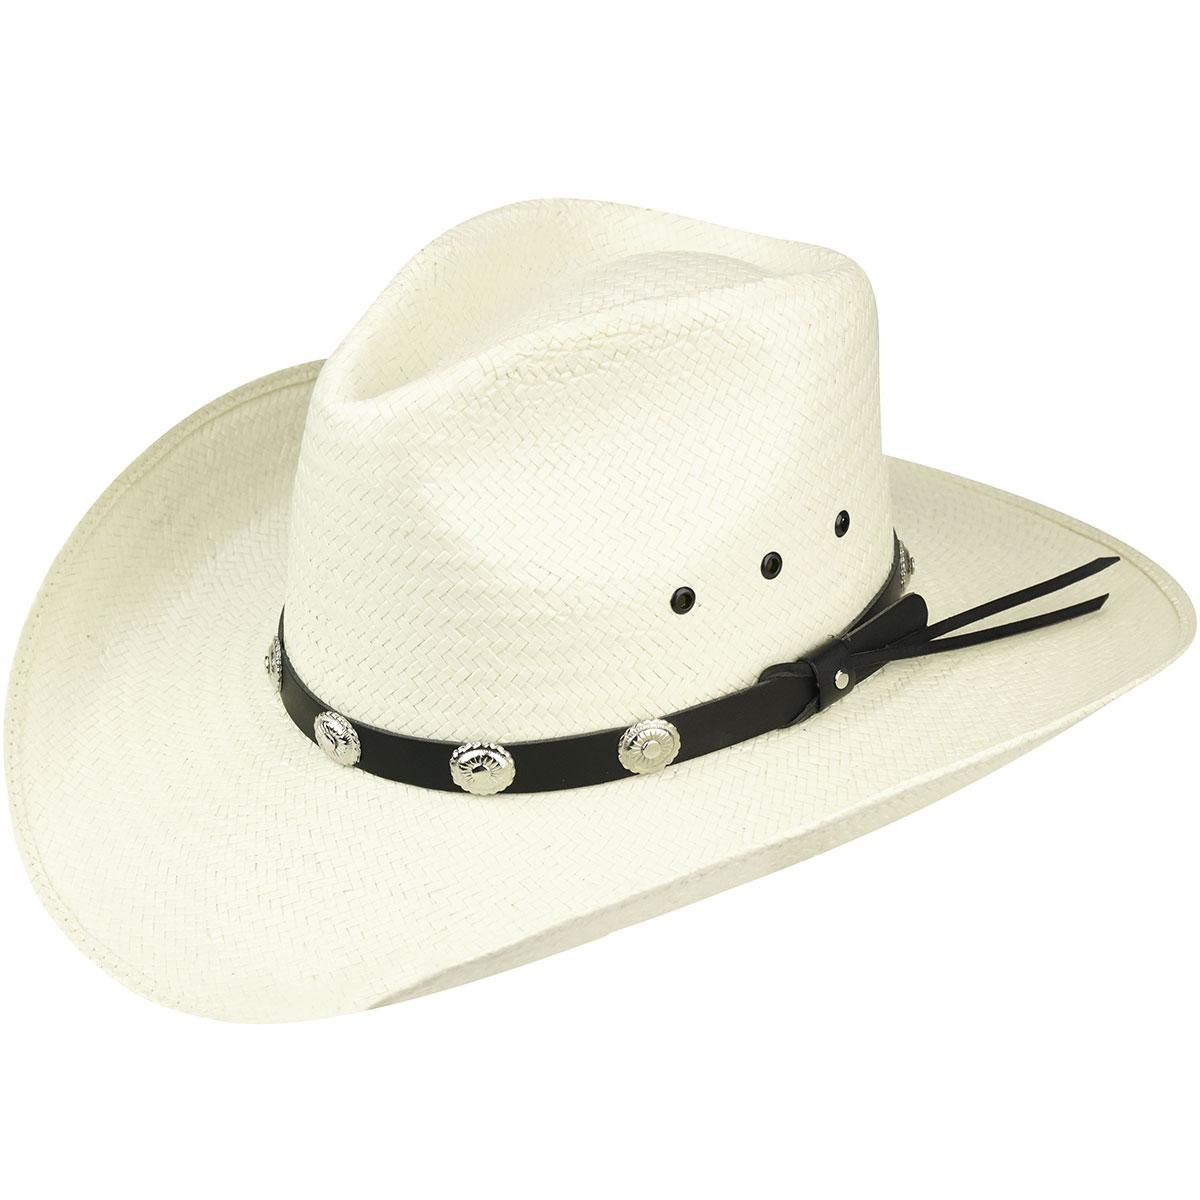 Eddy Bros® Kent 10x Western Hat - Ivory/7 1/2